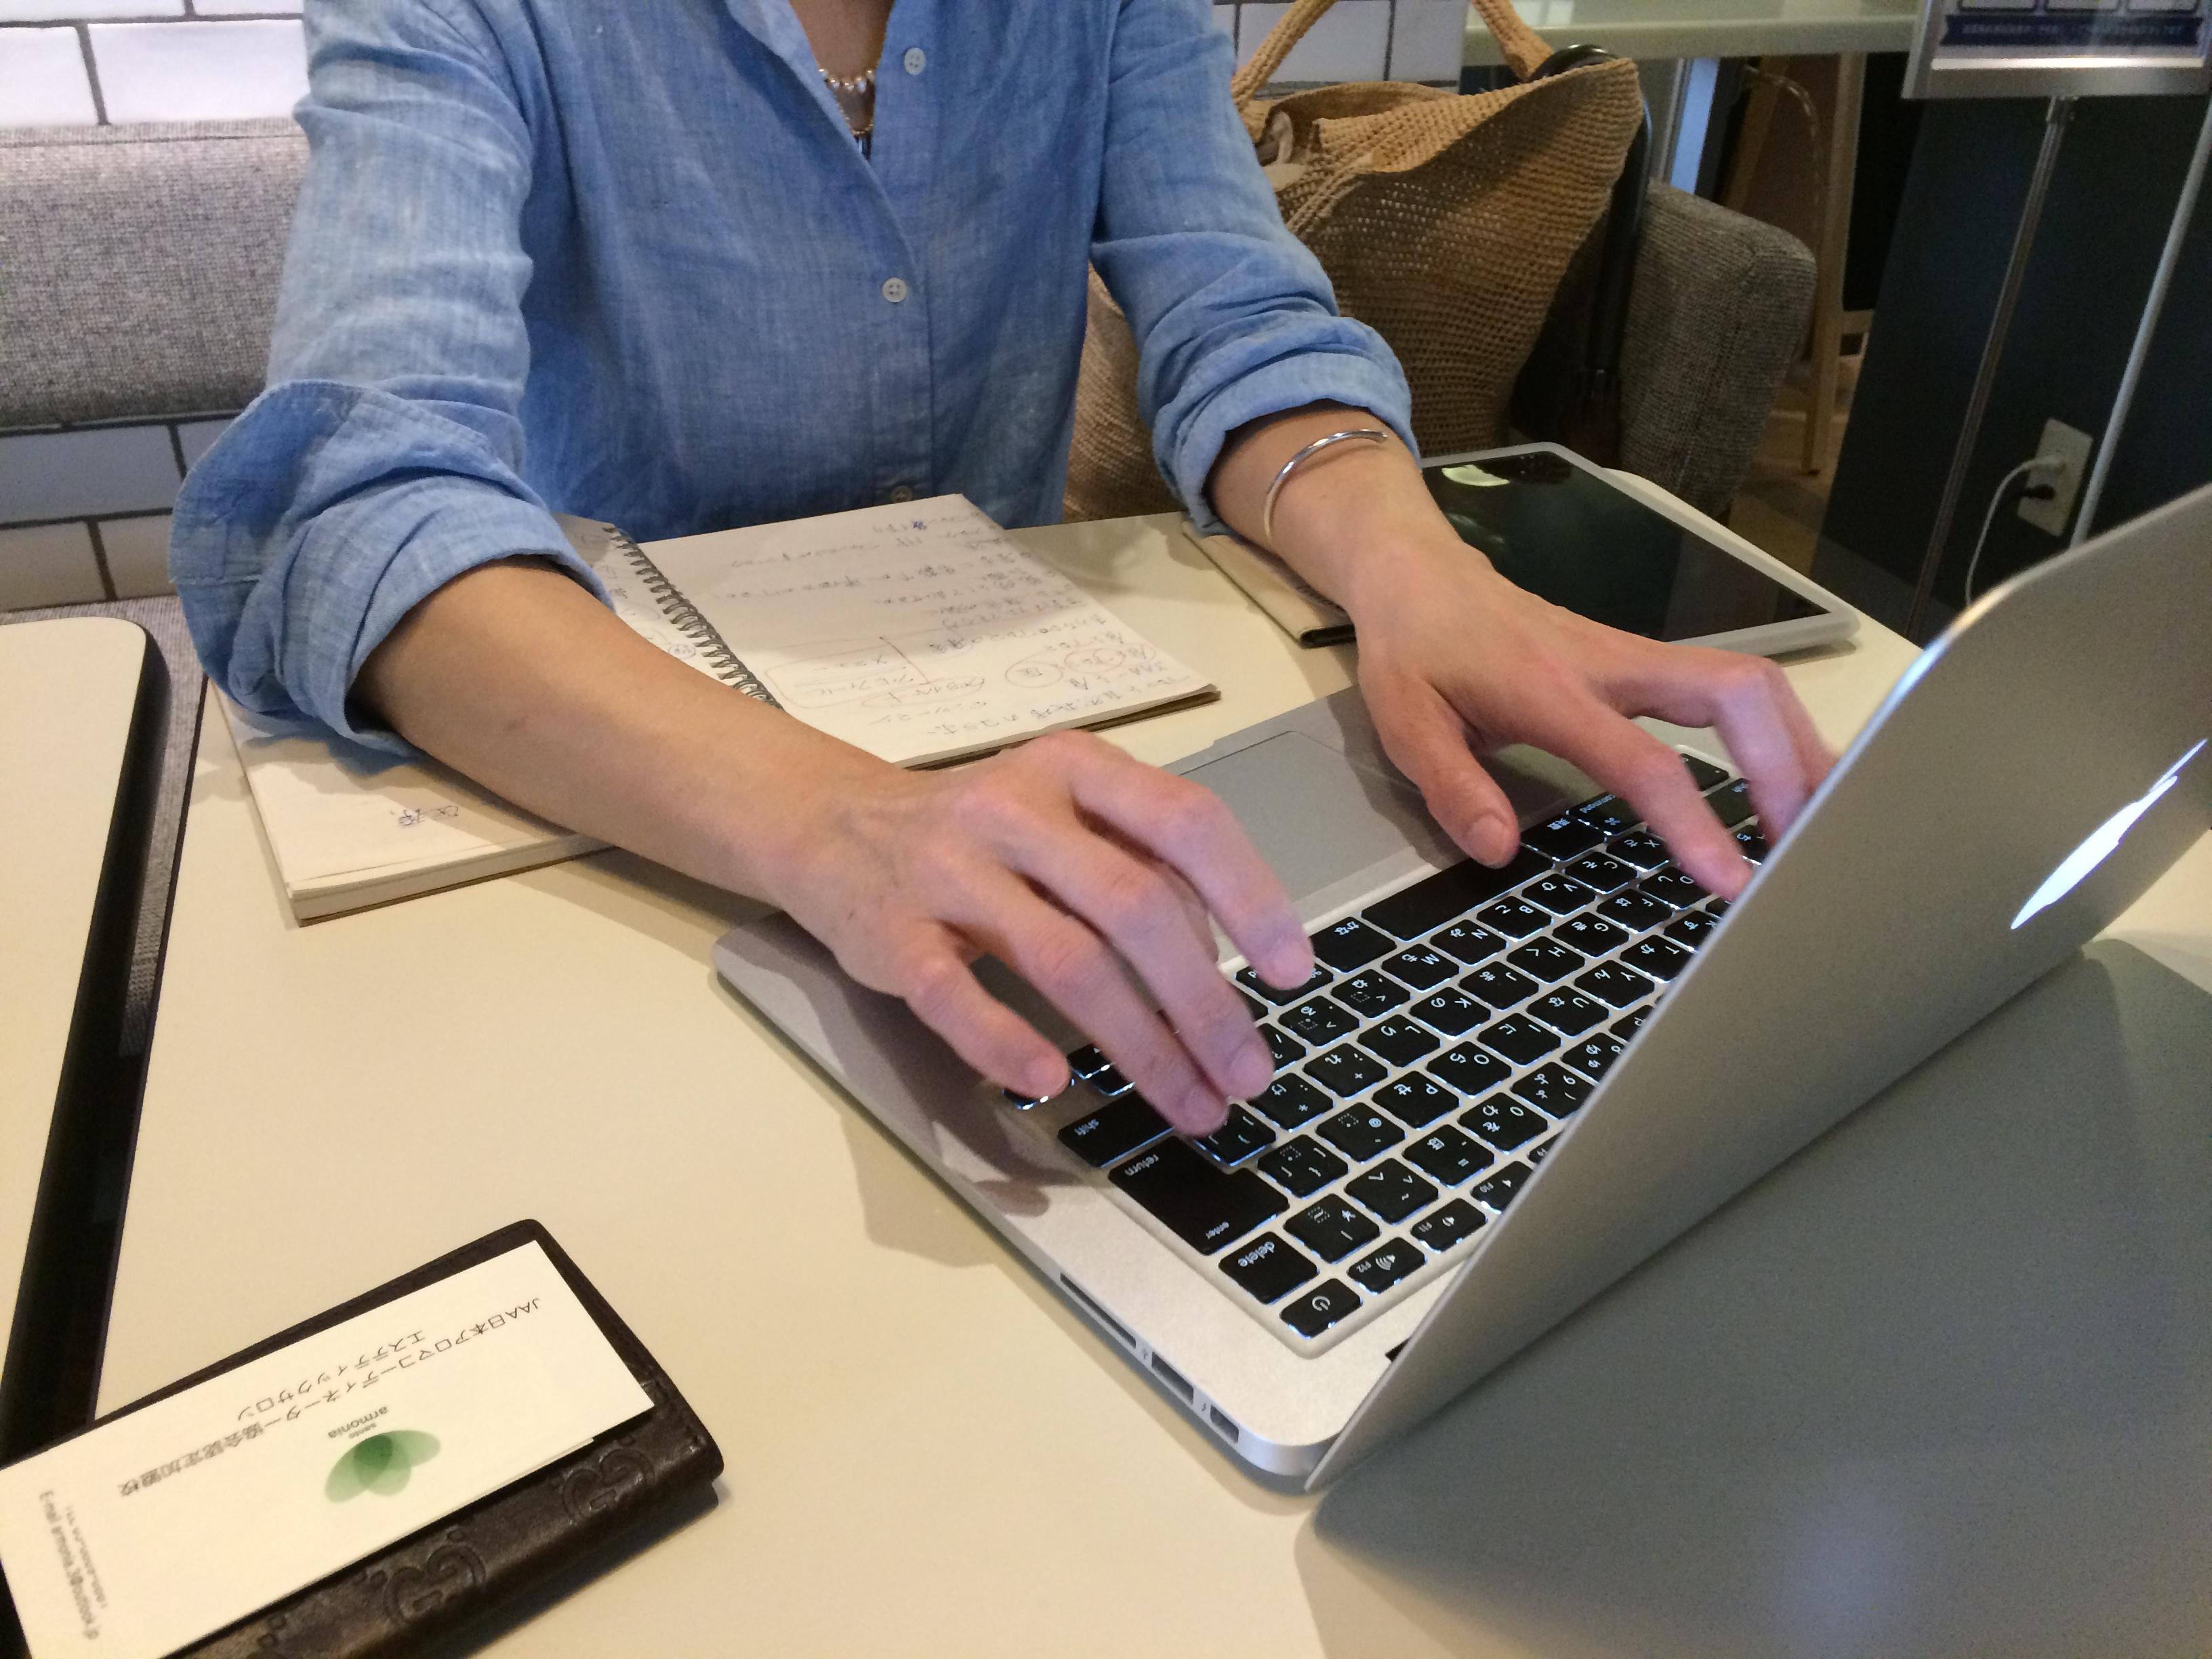 ブログに何を書けばよいの?